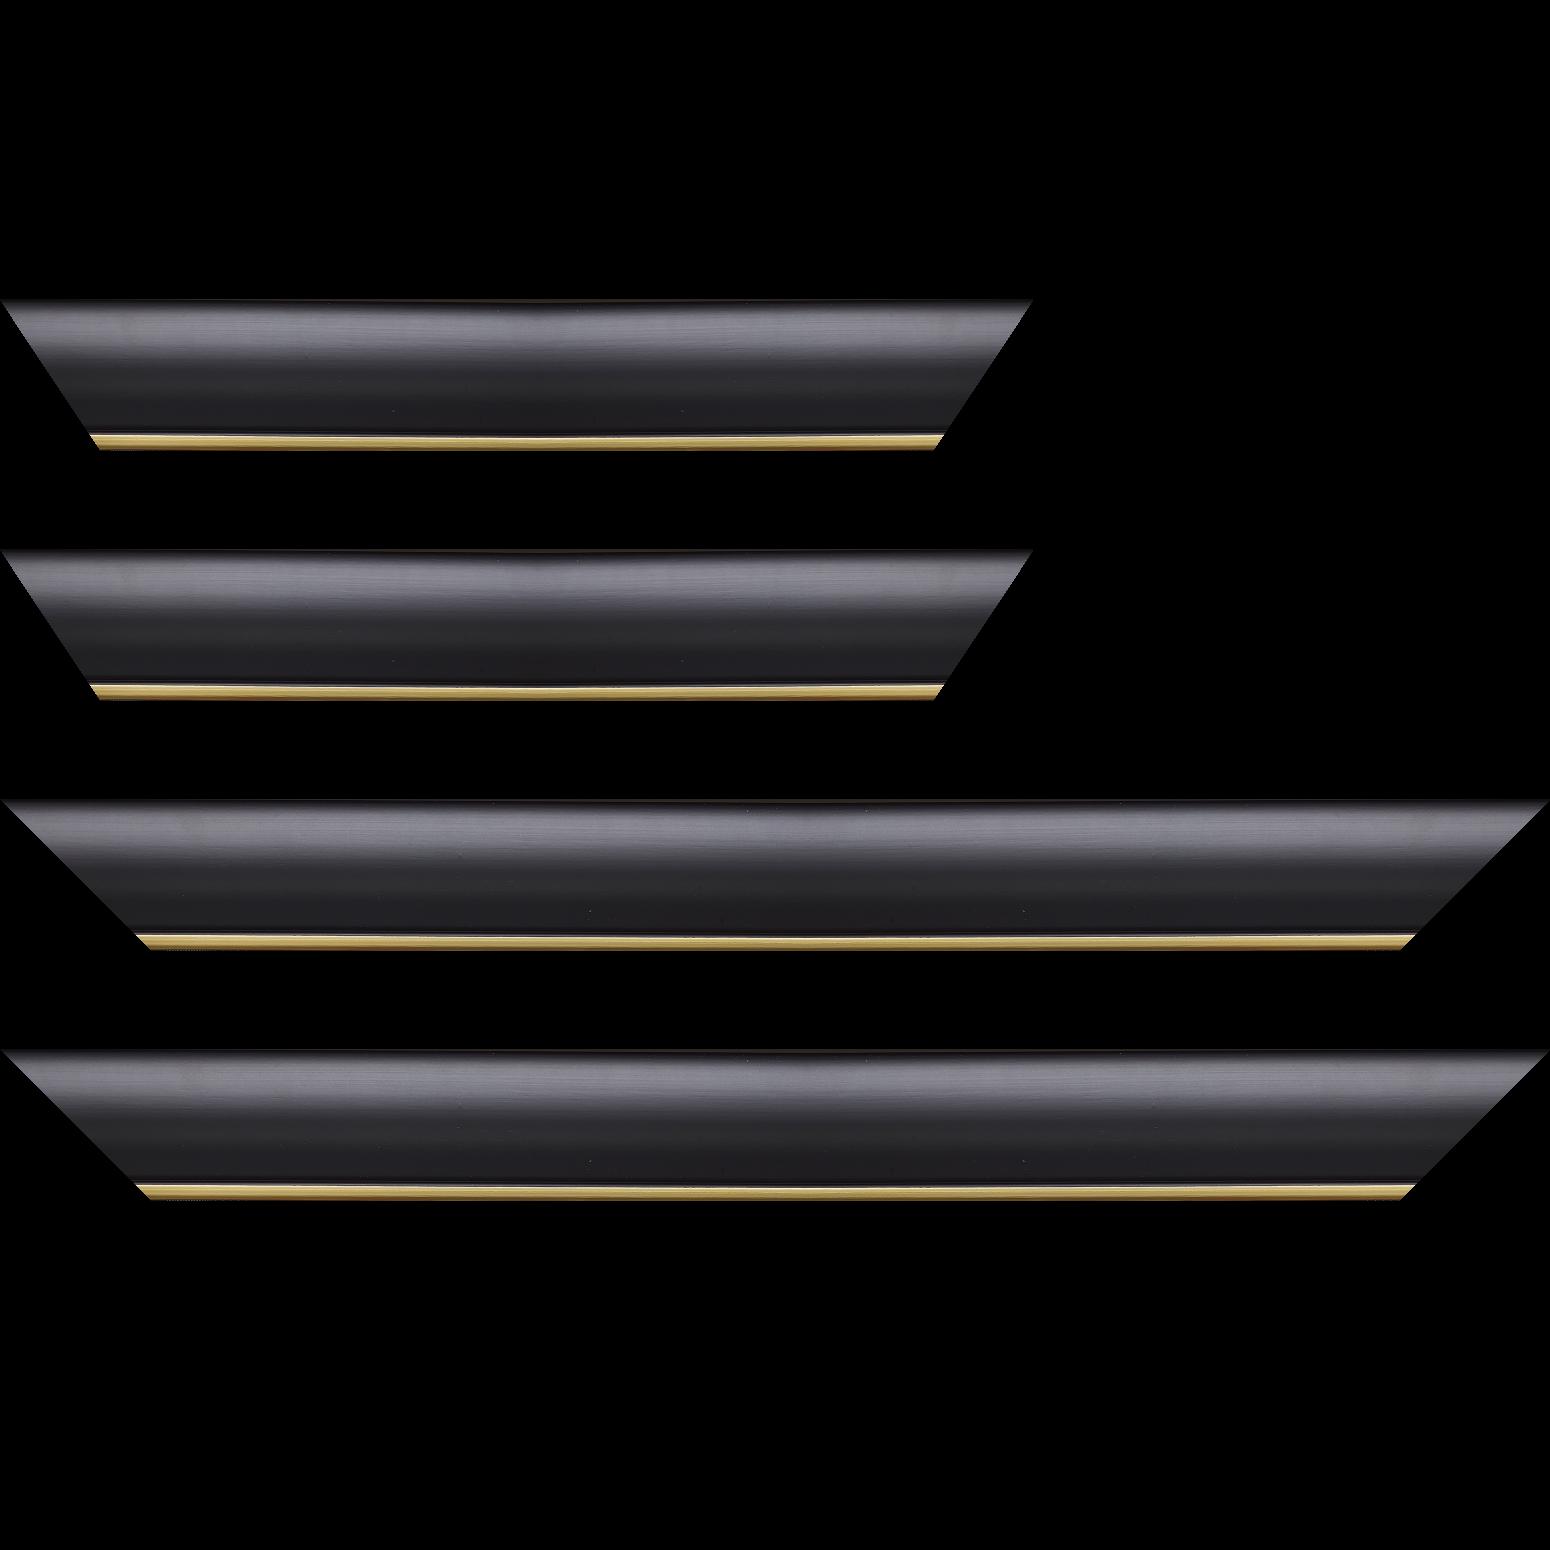 Baguette service précoupé Bois profil arrondi largeur 4.7cm couleur noir mat finition pore bouché filet or mat contemporain